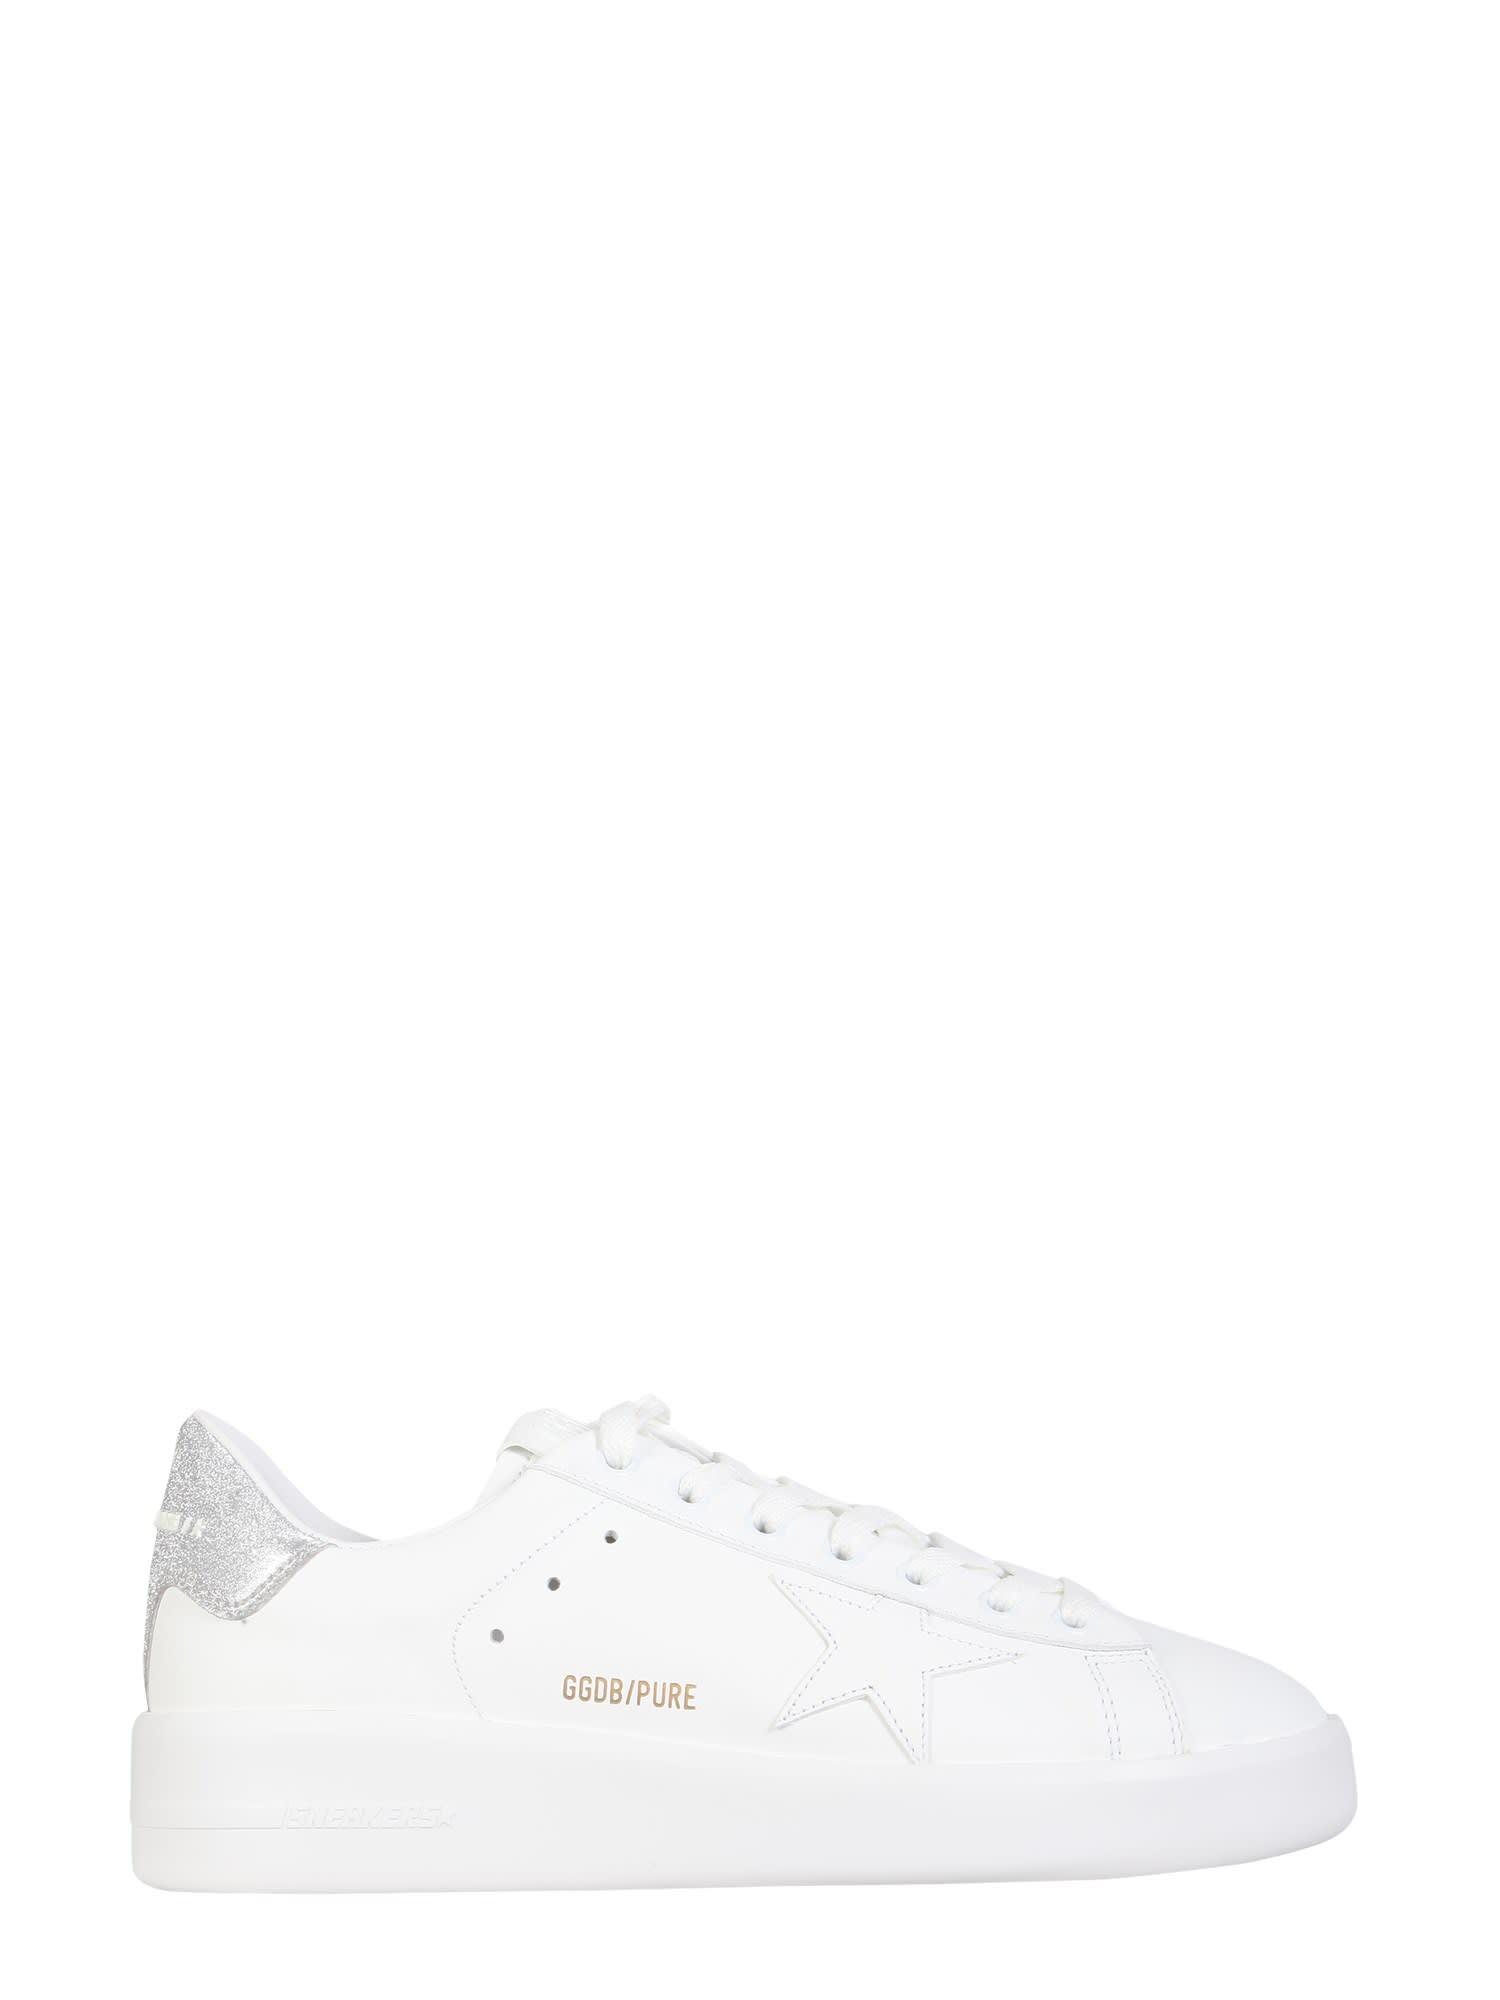 Golden Goose Purestar Sneakers